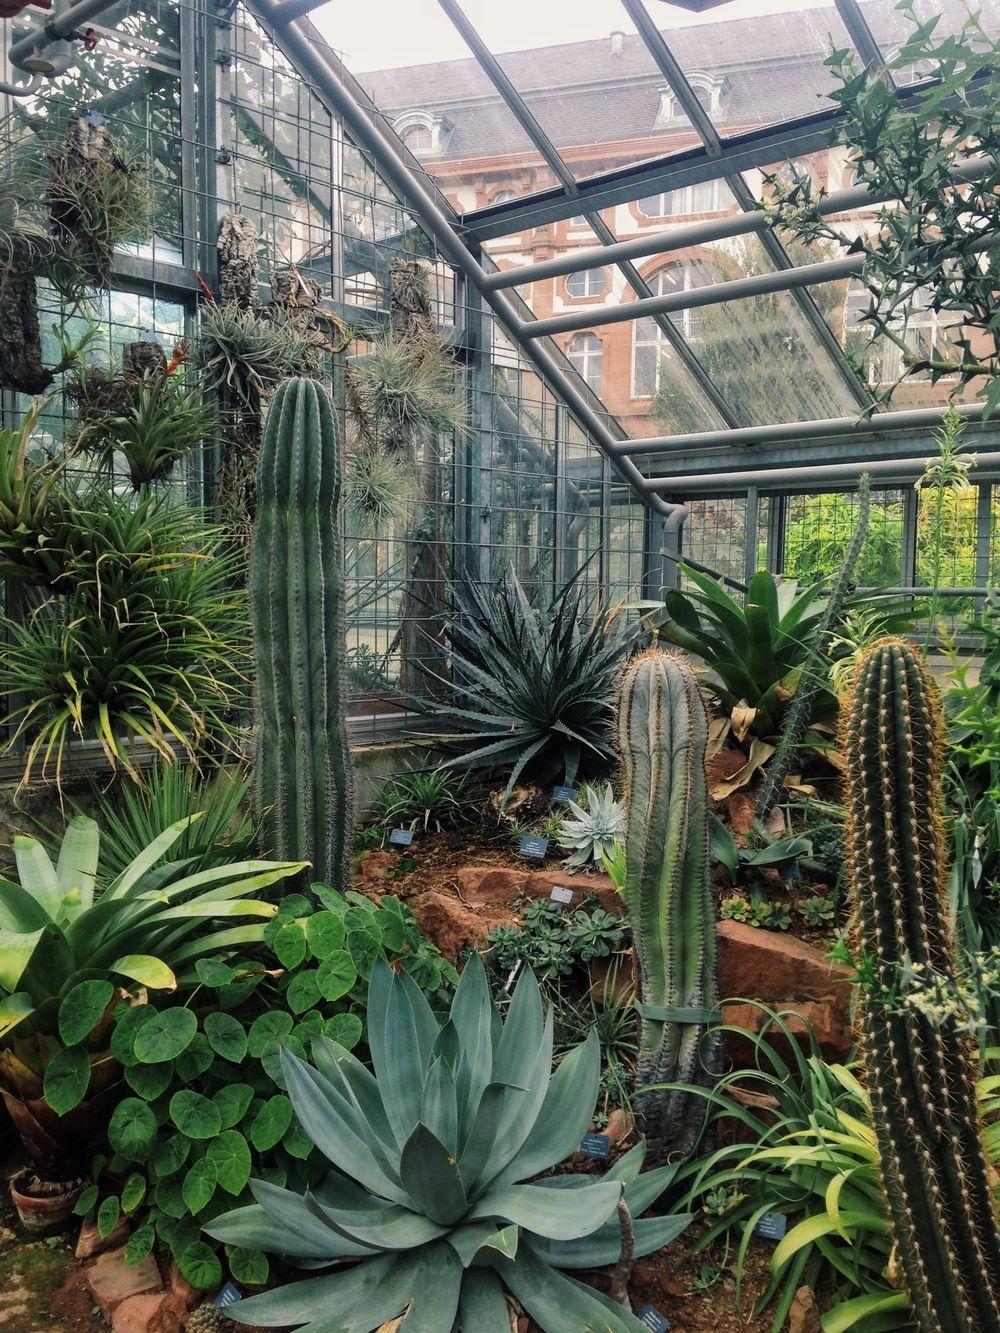 Botanischer Garten der Universität Basel, Switzerland   Zhu Ohmu